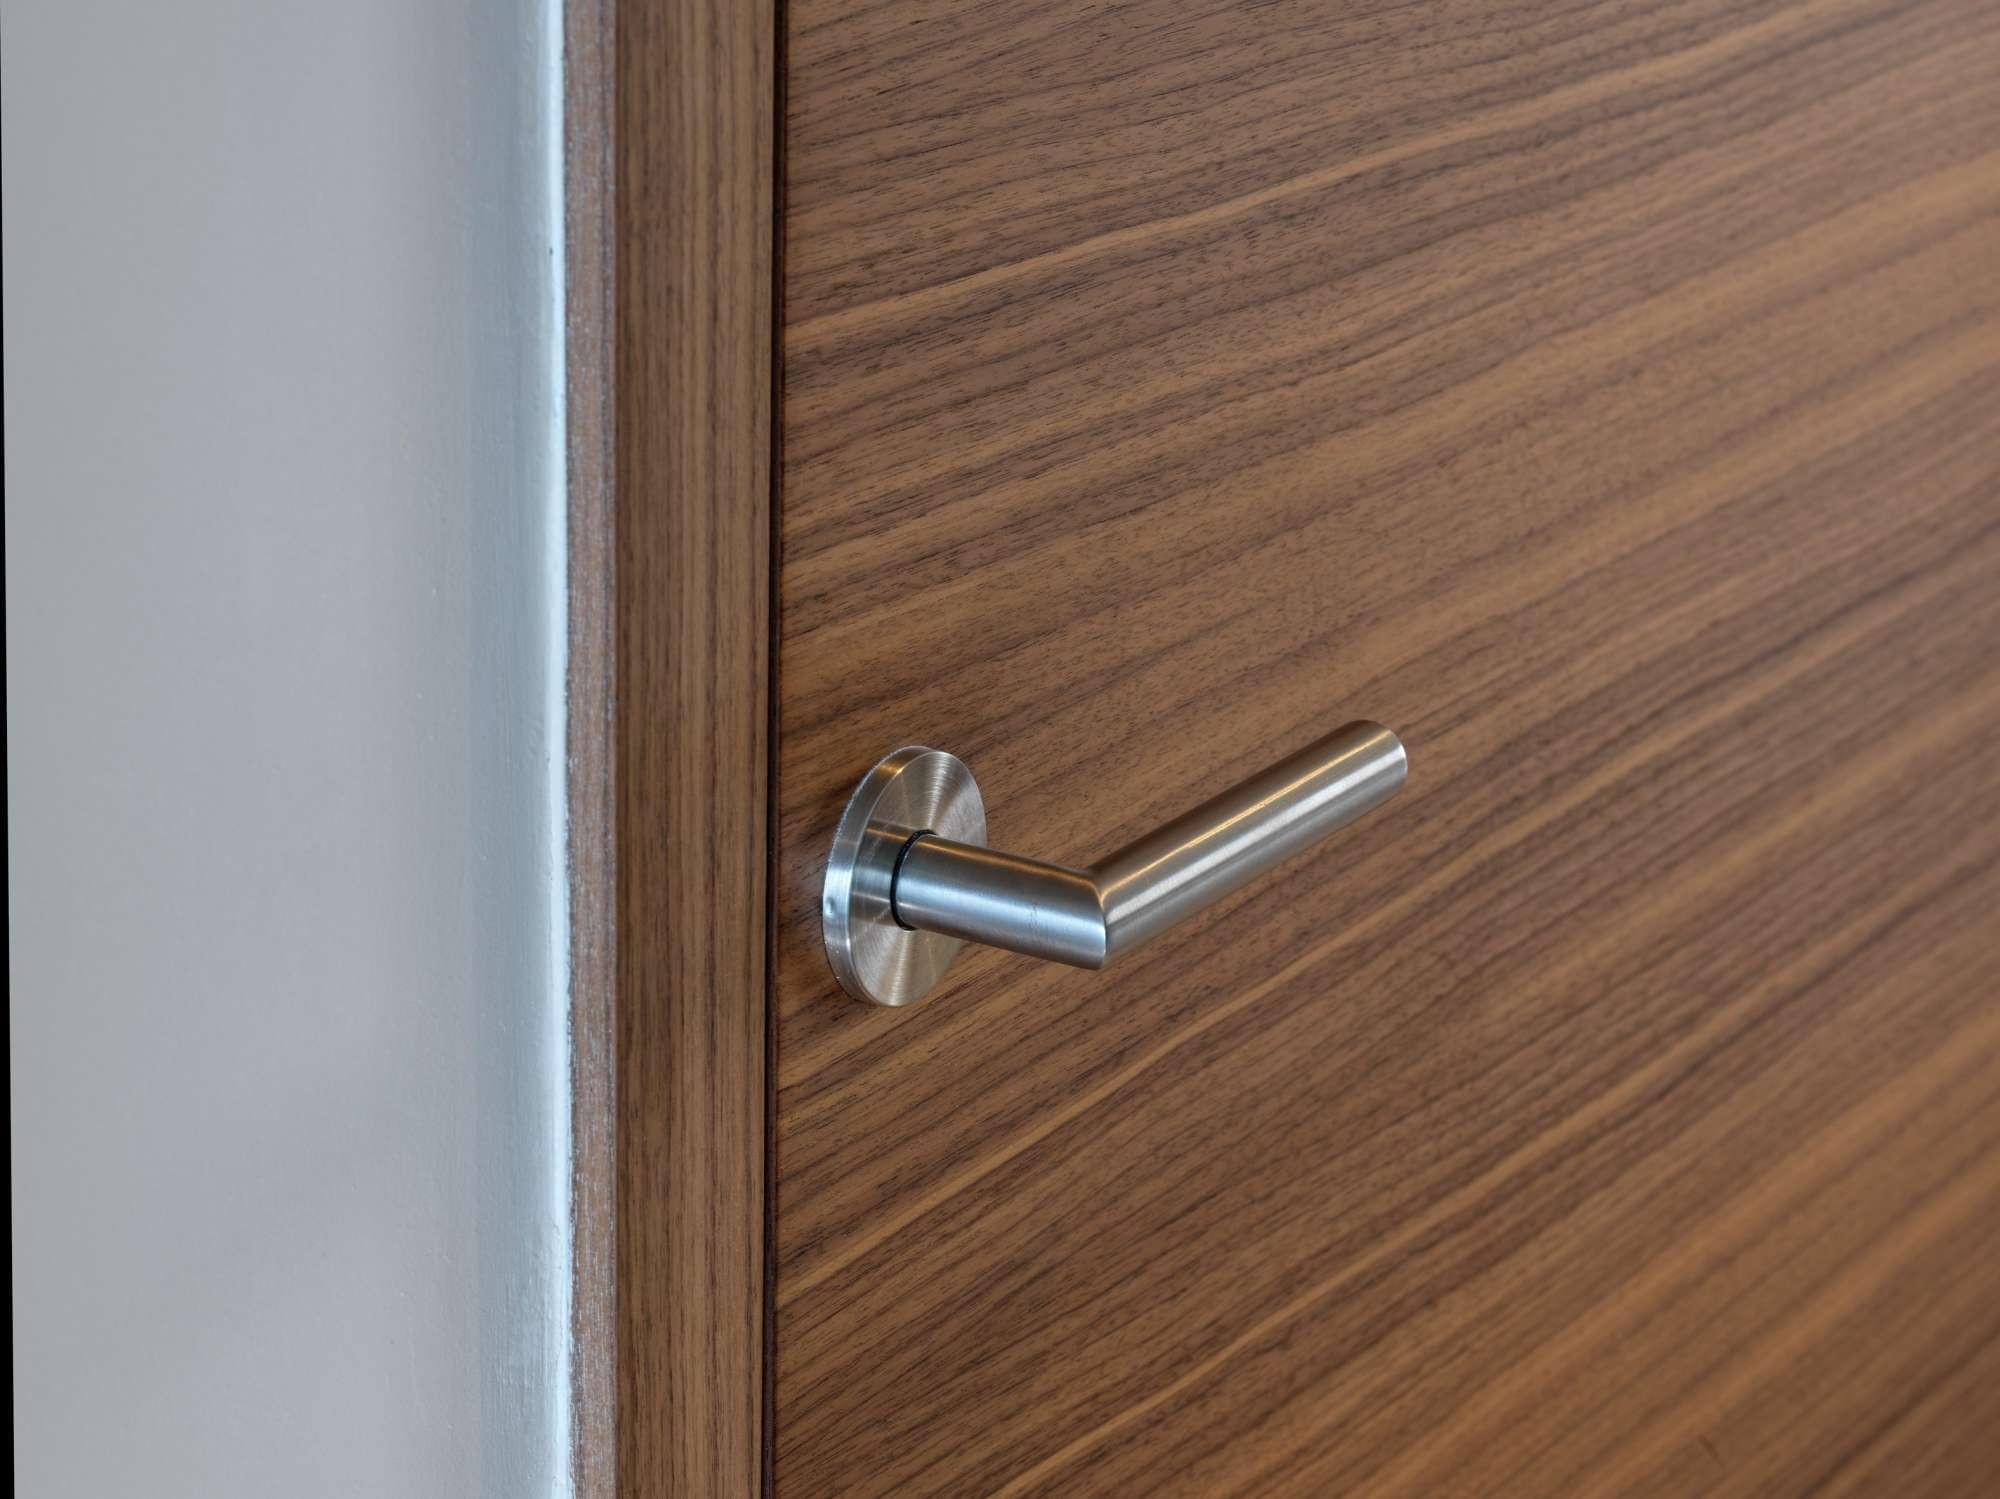 binnendeur-notelaar-deurklink